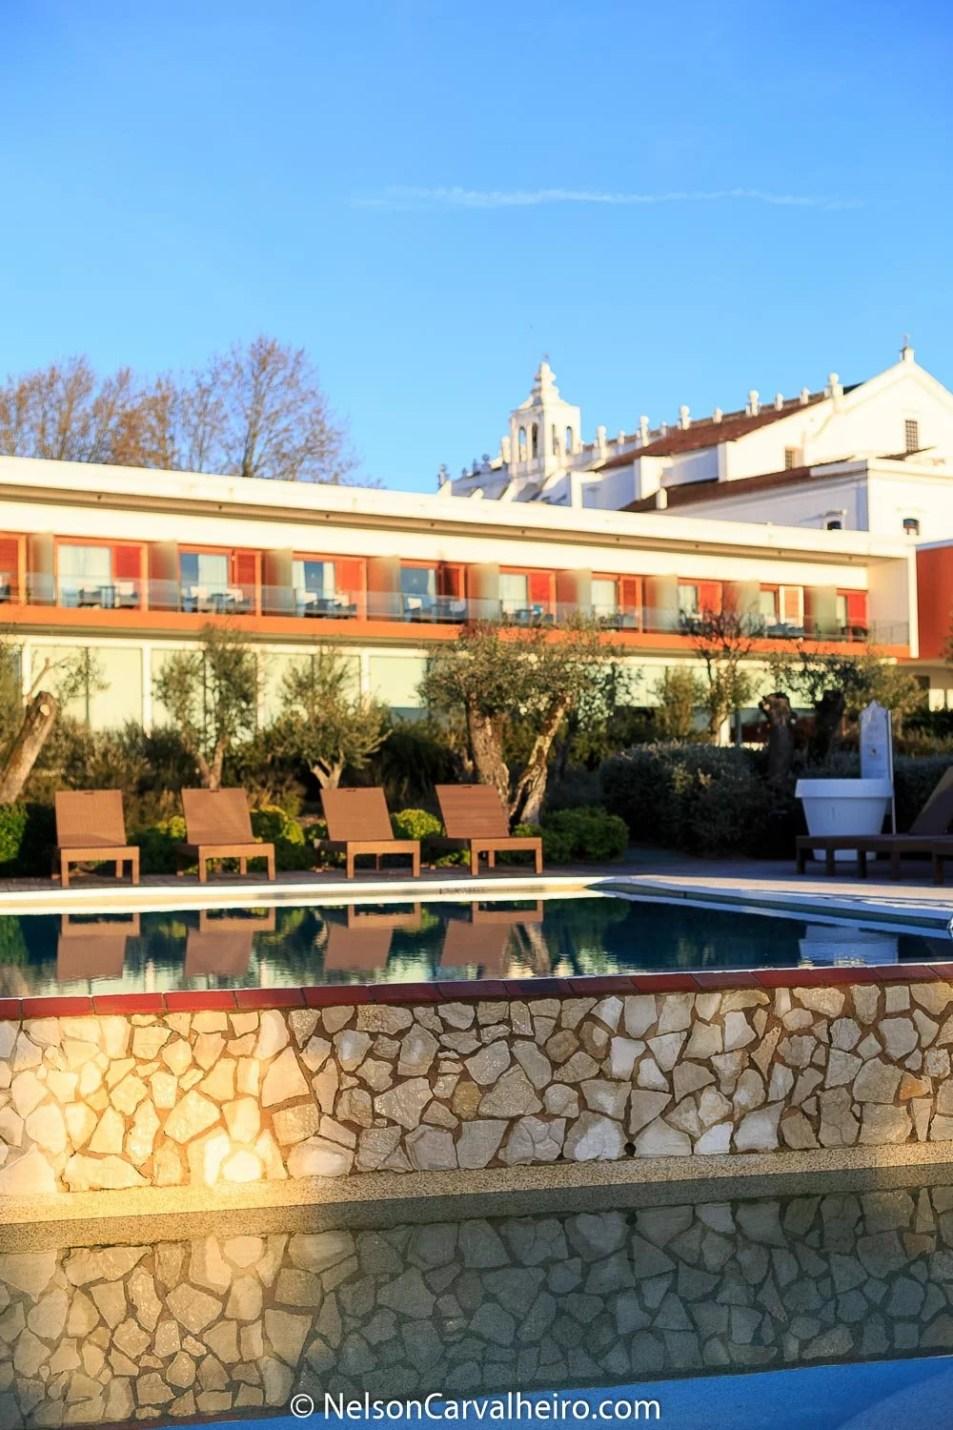 Nelson_Carvalheiro_Alentejo_Wine_Travel_Guide_Convento_Espinheiro-5